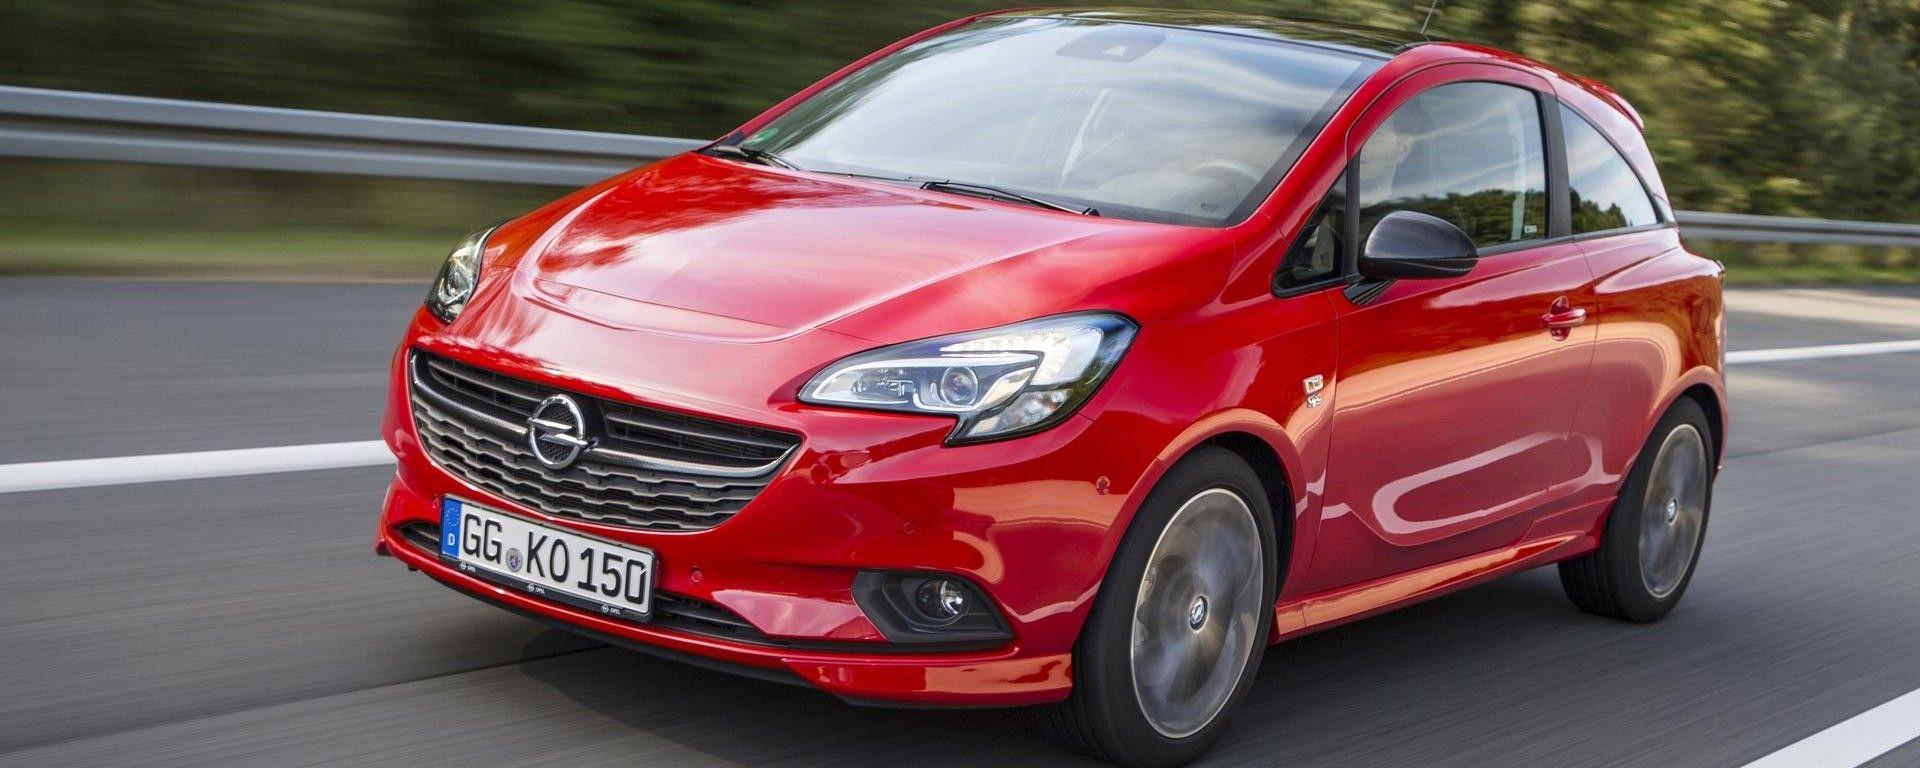 Nuova Opel Corsa S: 150 cavalli e un look più hot